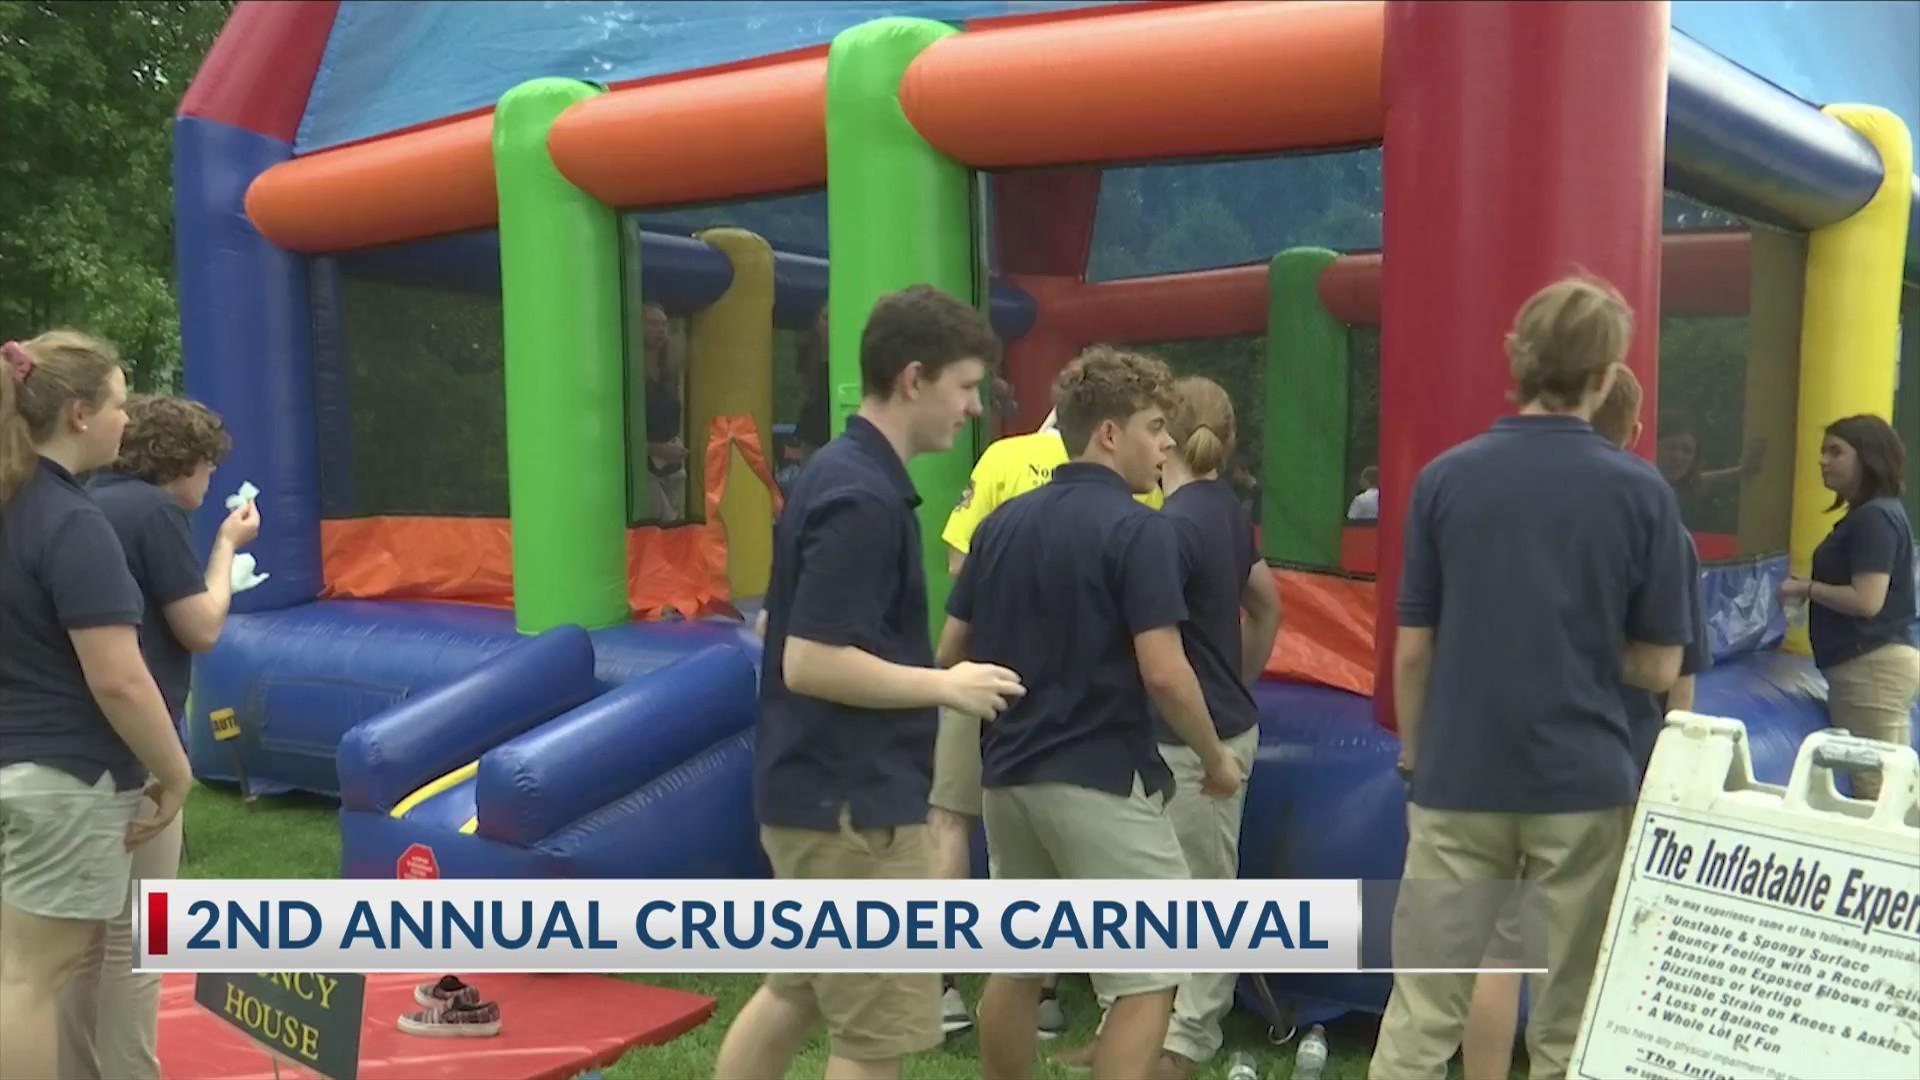 Crusader Carnival